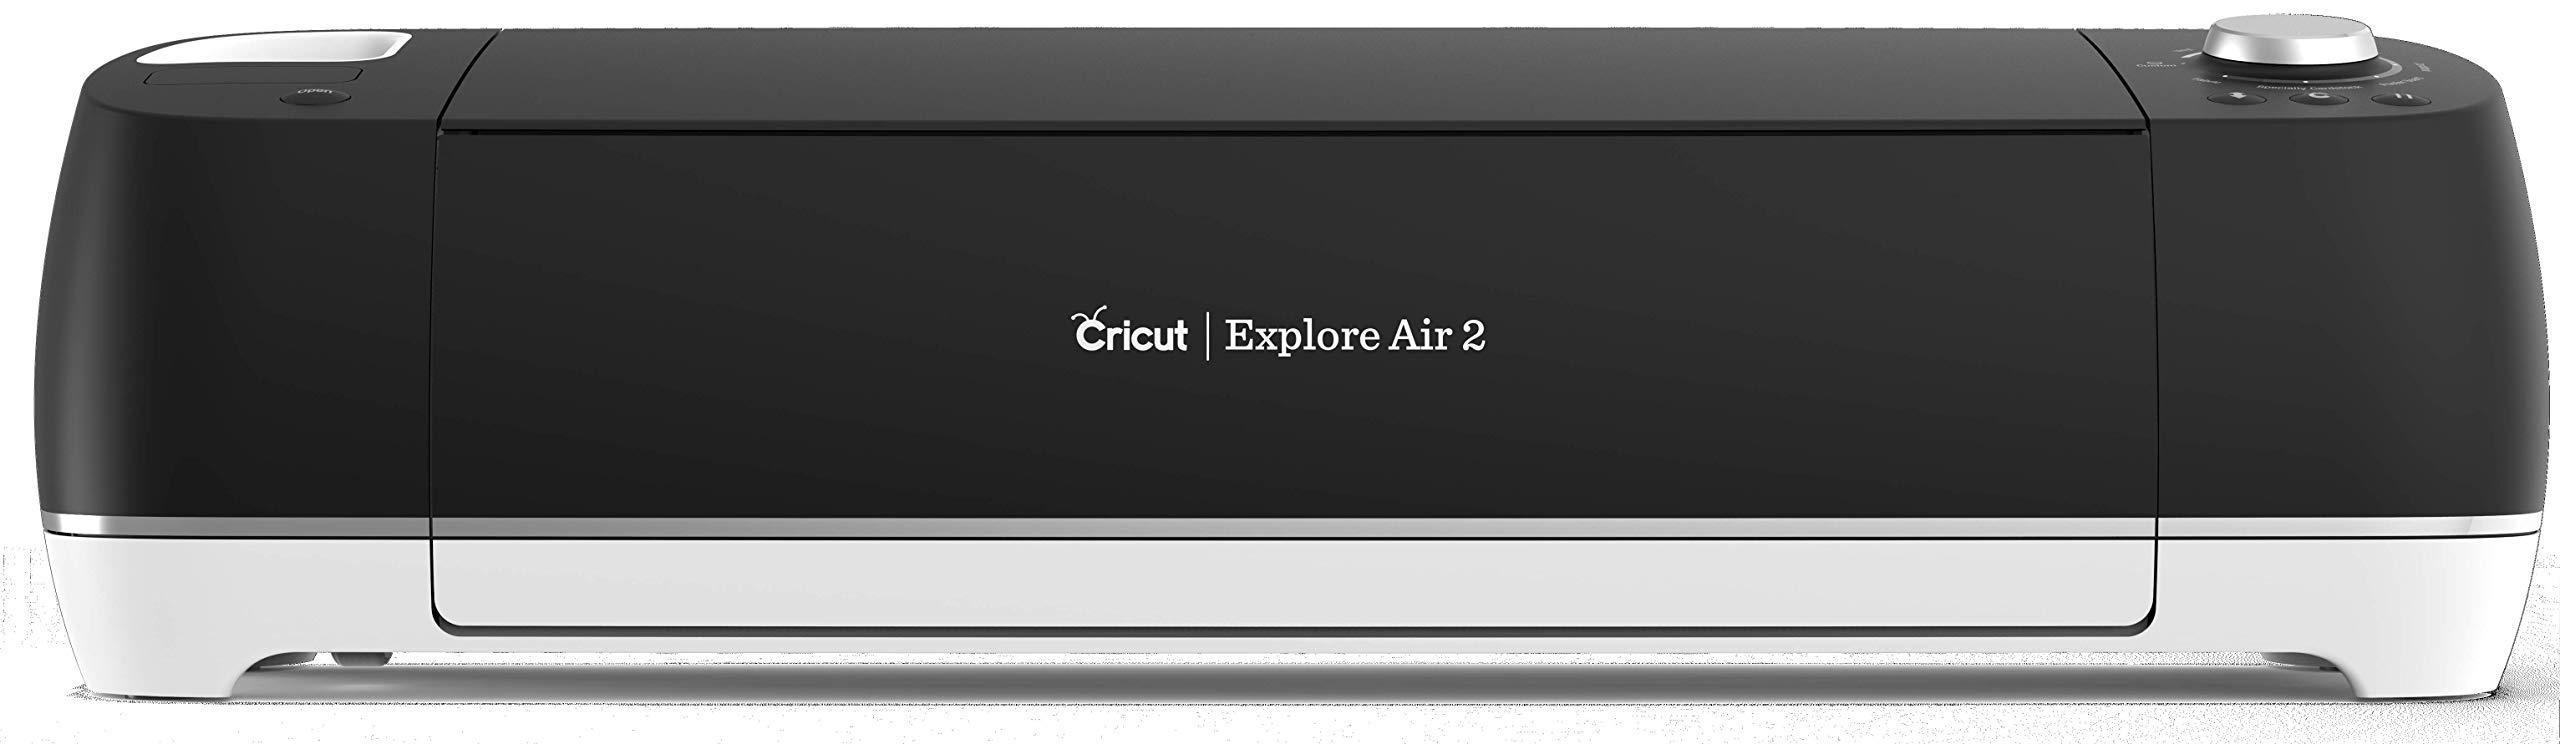 decal maker amazon com T Harness for Remote Starter cricut explore air 2, matte black